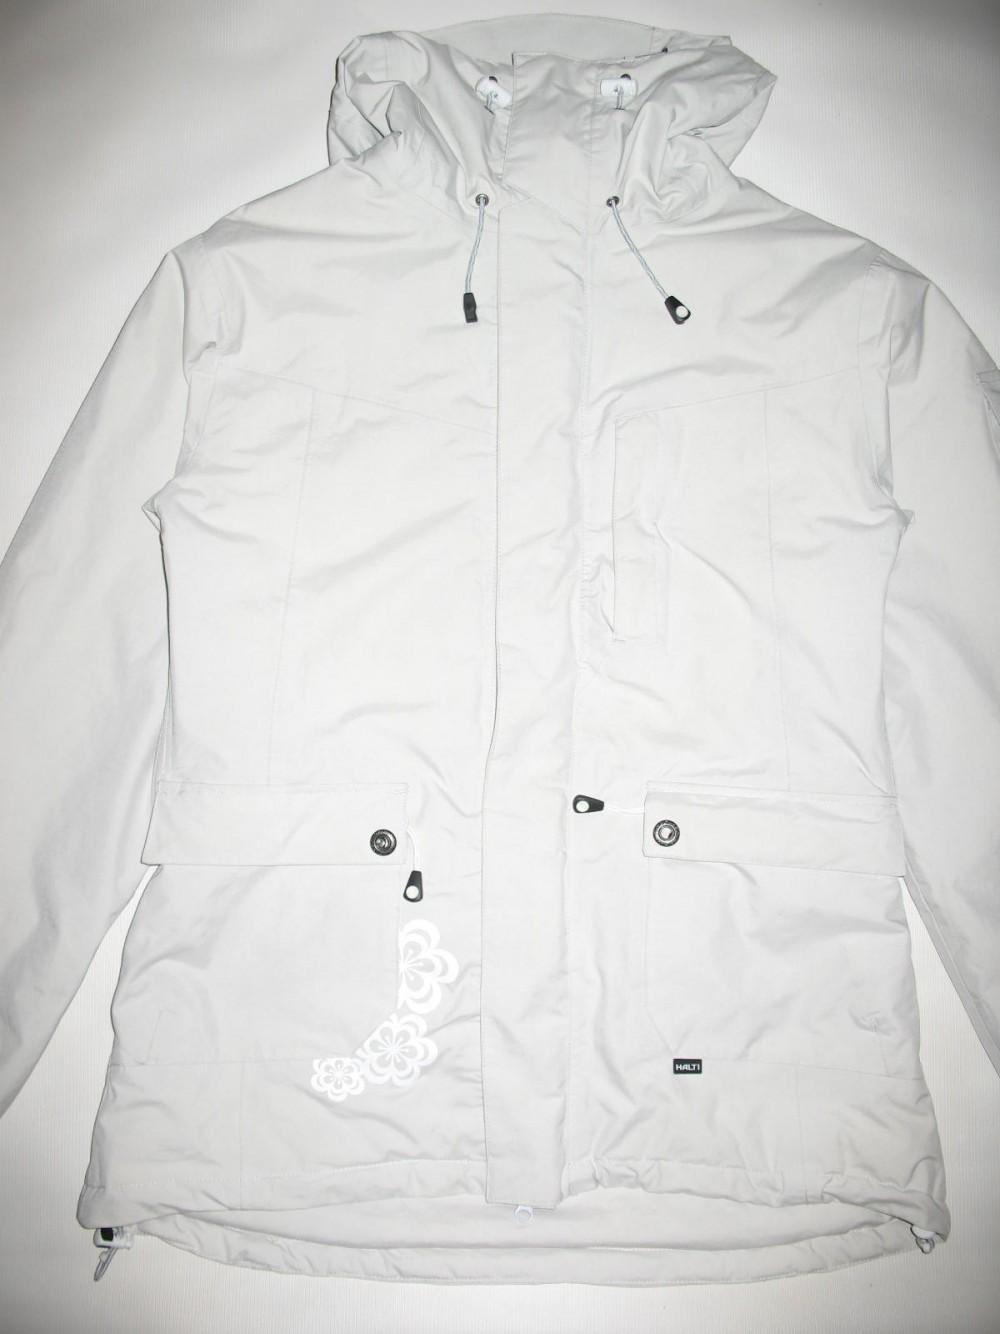 Куртка HALTI drymaxx ski jacket lady (размер L/M) - 2